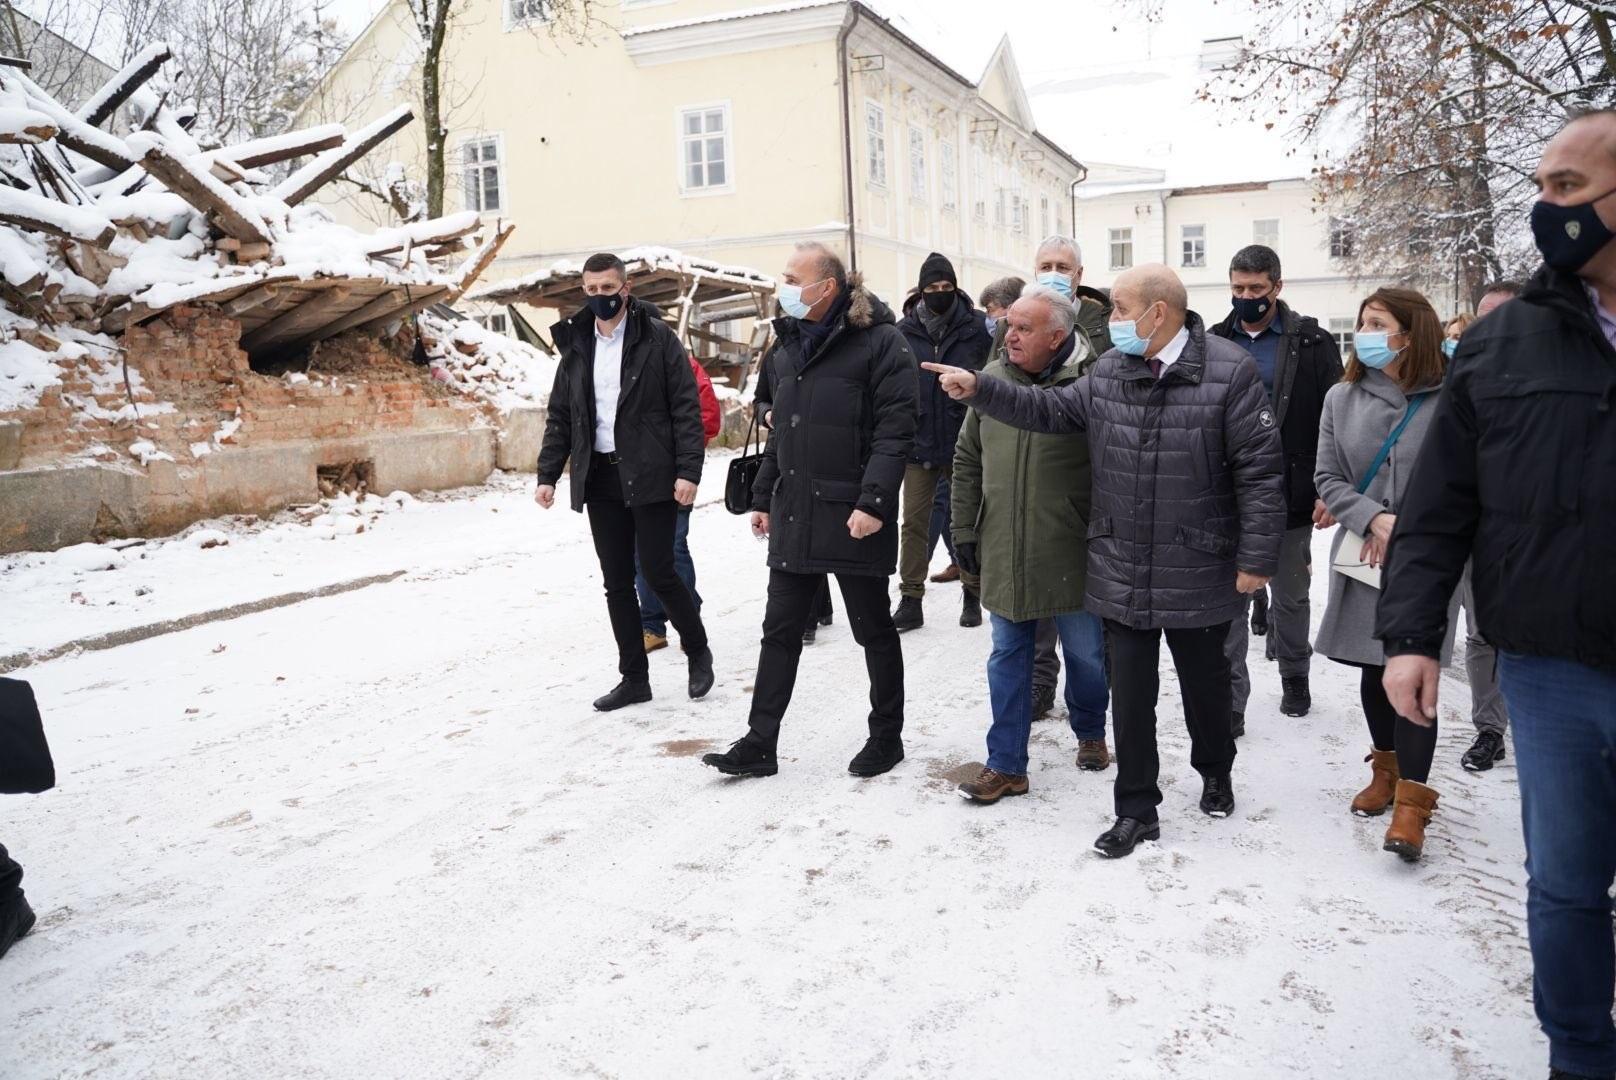 Κροατία: Επίσκεψη του Γάλλου ΥΠΕΞ στη σεισμόπληκτη Petrinja